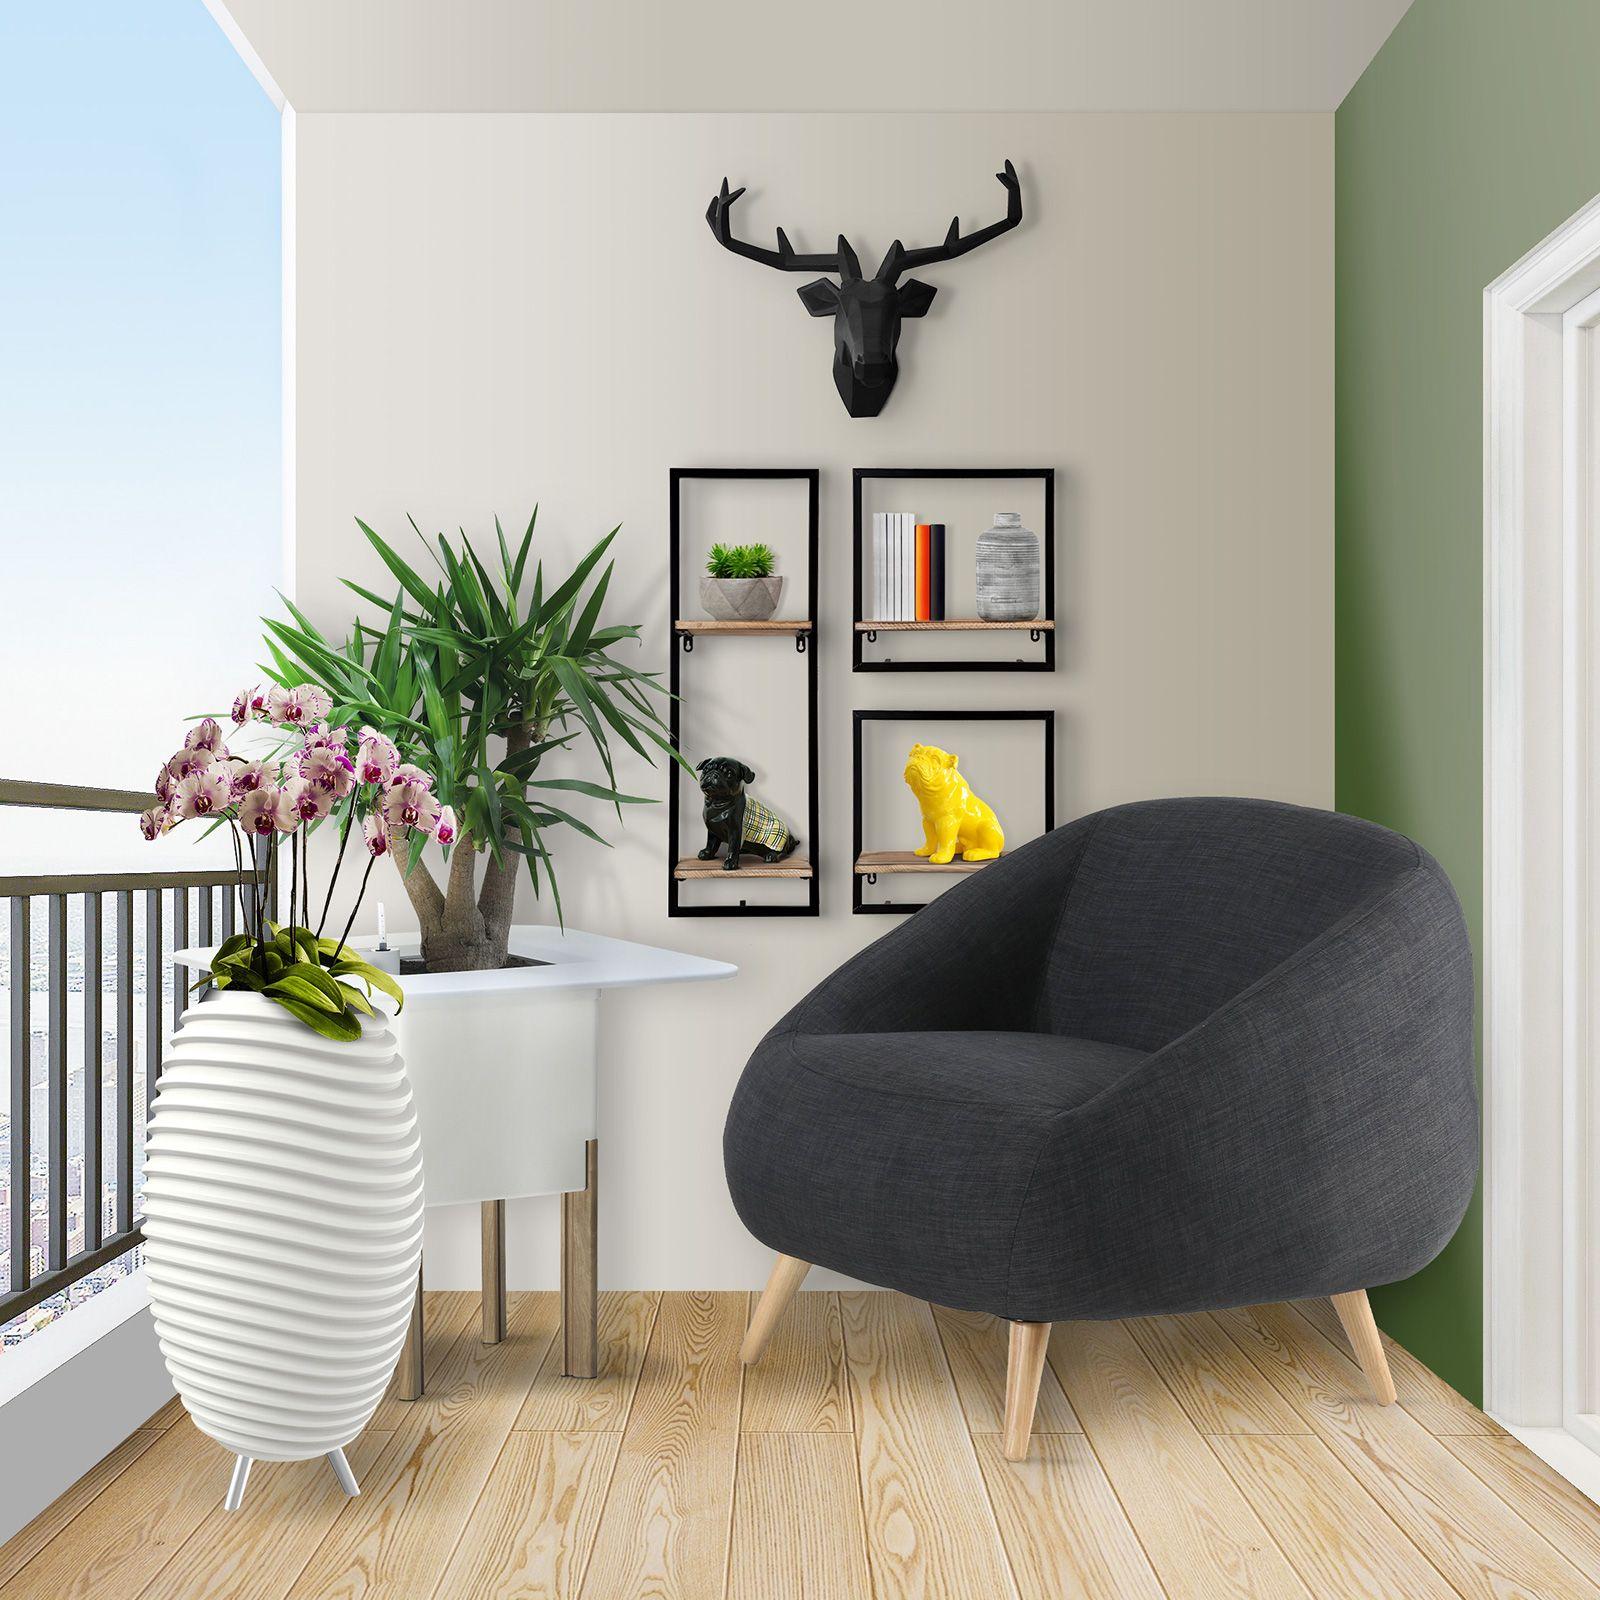 MARPE | Sillón con brazos tapizado gris oscuro (83,5 x 82,5 x 75,5 cm)